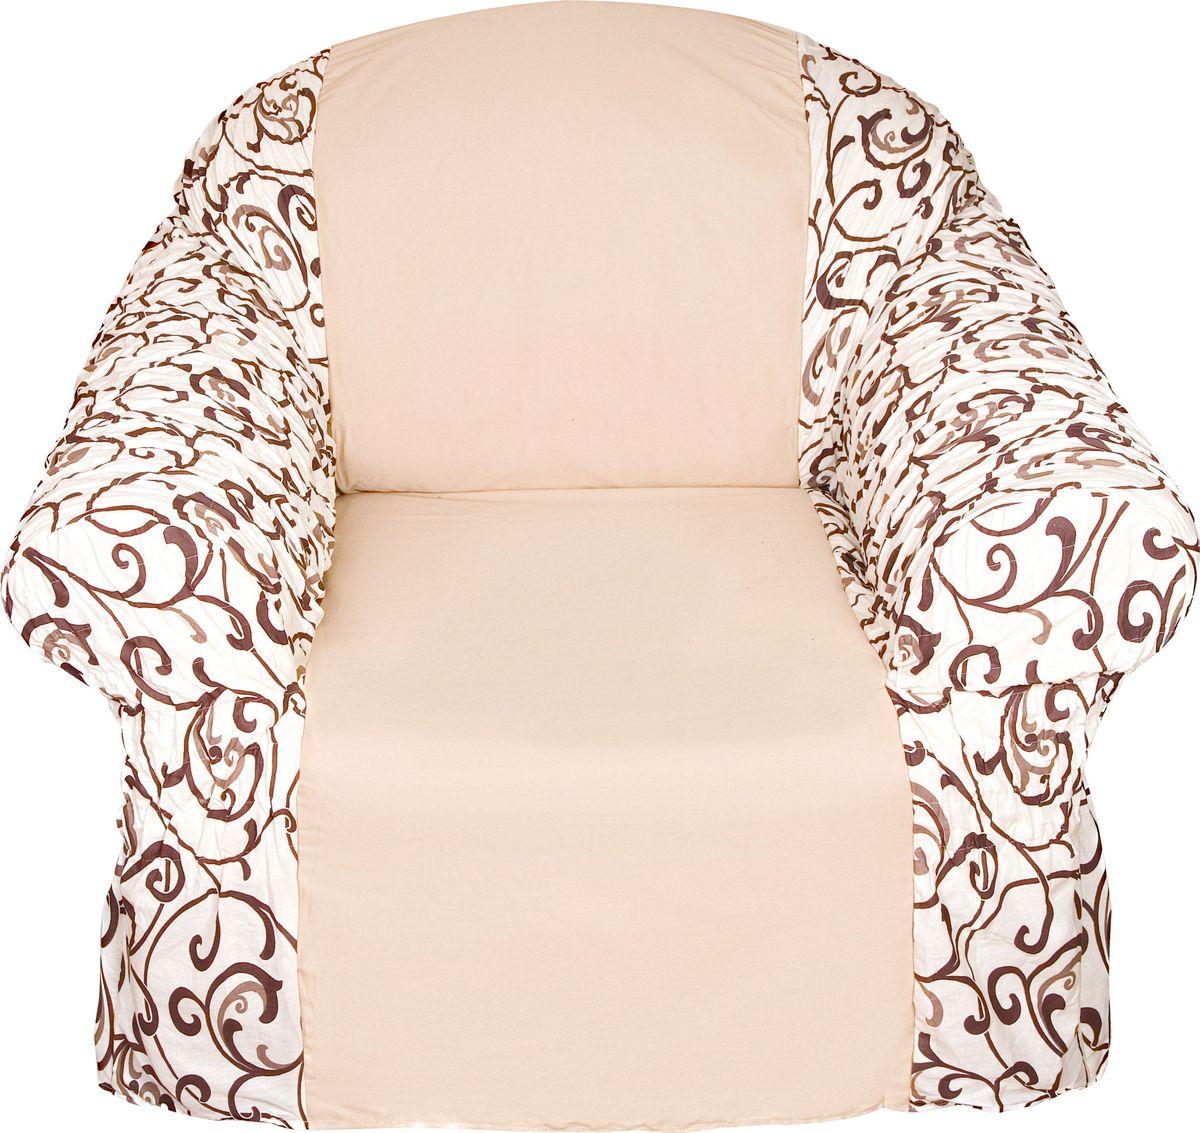 Чехол на кресло Медежда Бостон, цвет: бежевый1401091103000Основная часть чехла Медежда Бостон сшита из плотной однотонной ткани, в состав которой входит 60% - хлопка и 40% - полиэстера. Подлокотники разработаны по уникальной технологии - мягкая хлопковая ткань на эластичной вискозной основе. Узор из оригинальных завитков сочетается как с винтажным так и с классическим интерьером. Чехол «Бостон» создаст новый стиль в вашем доме, добавит шарм и индивидуальность.